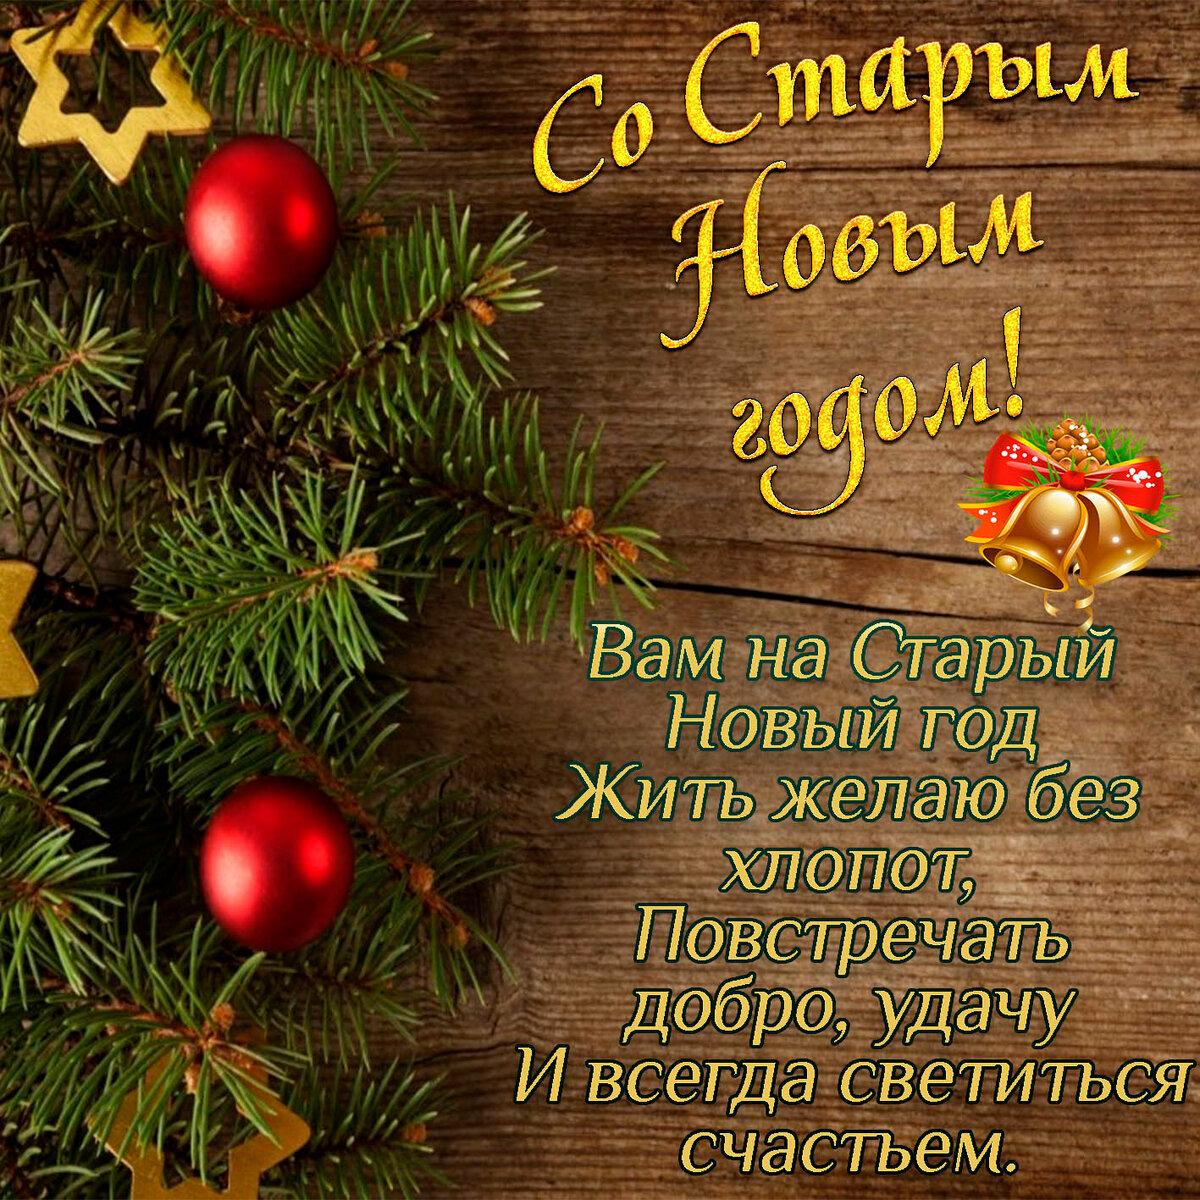 Поздравление с праздником старого нового года